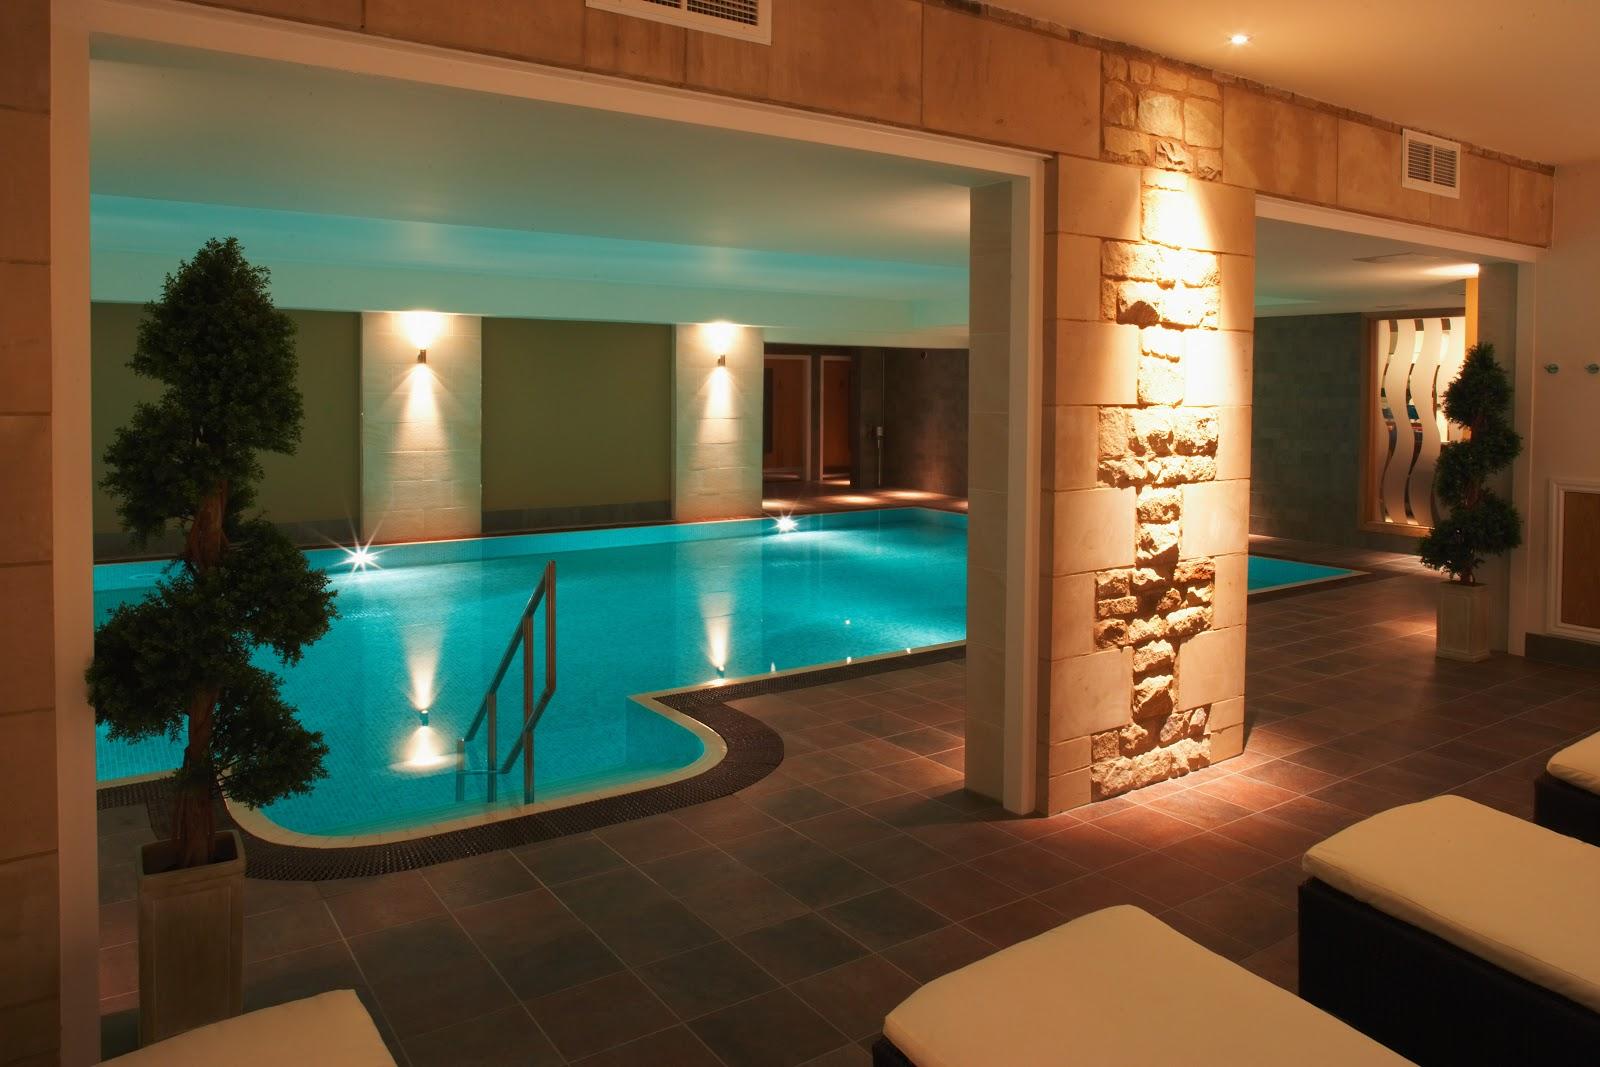 Tripadvisor uk january 2013 for Garden hills pool hours